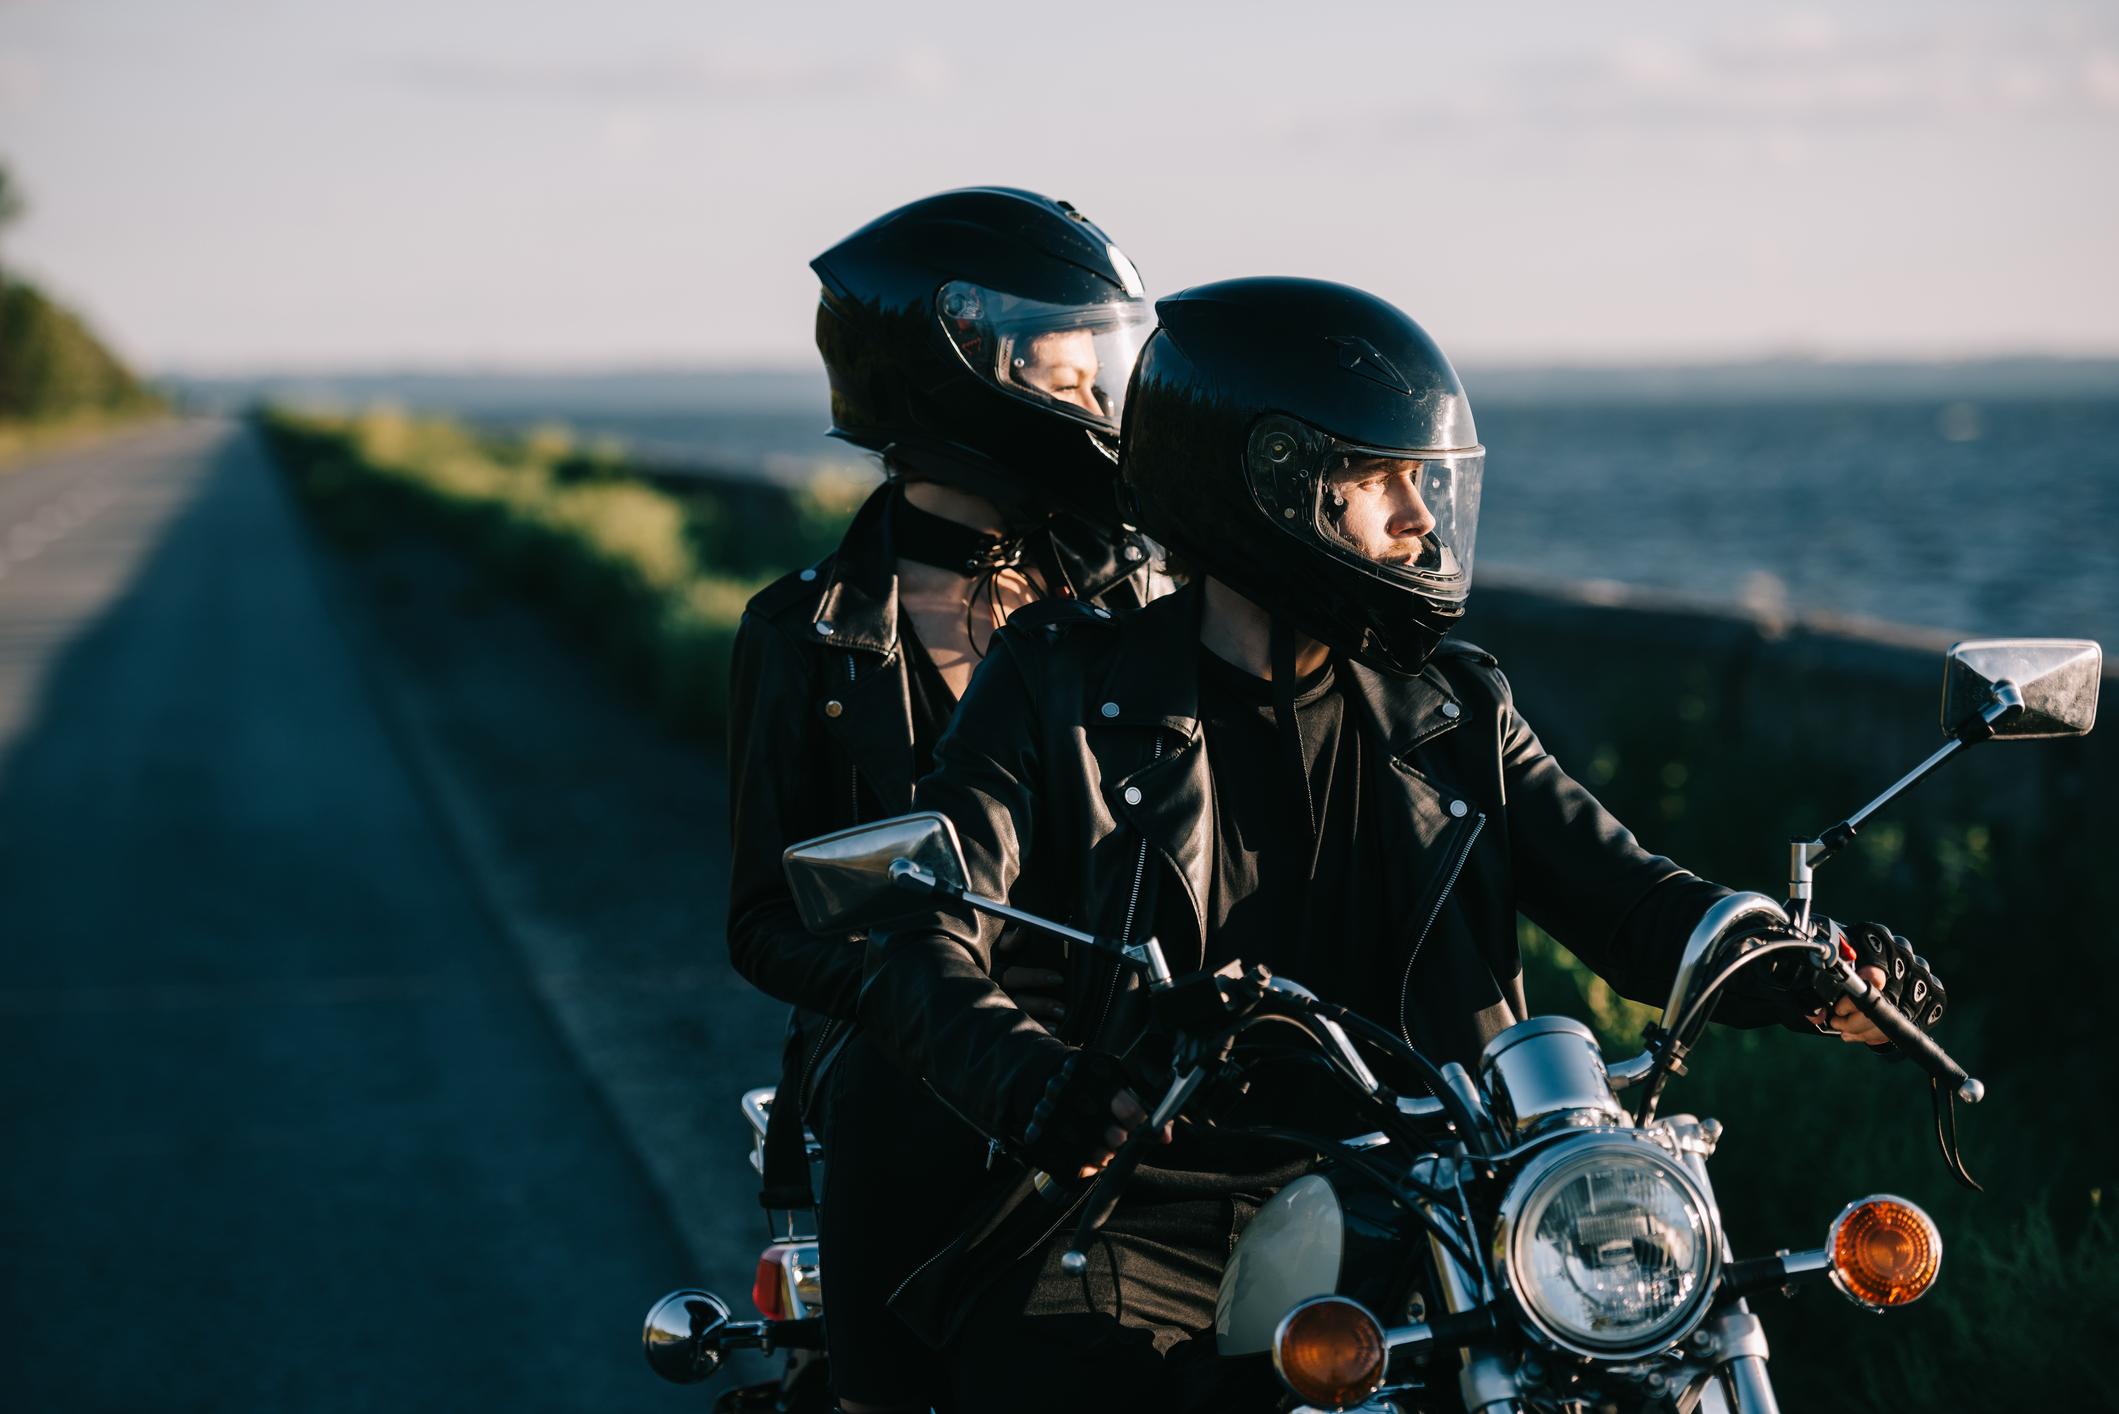 Dicas para quem vai viajar de moto pela primeira vez